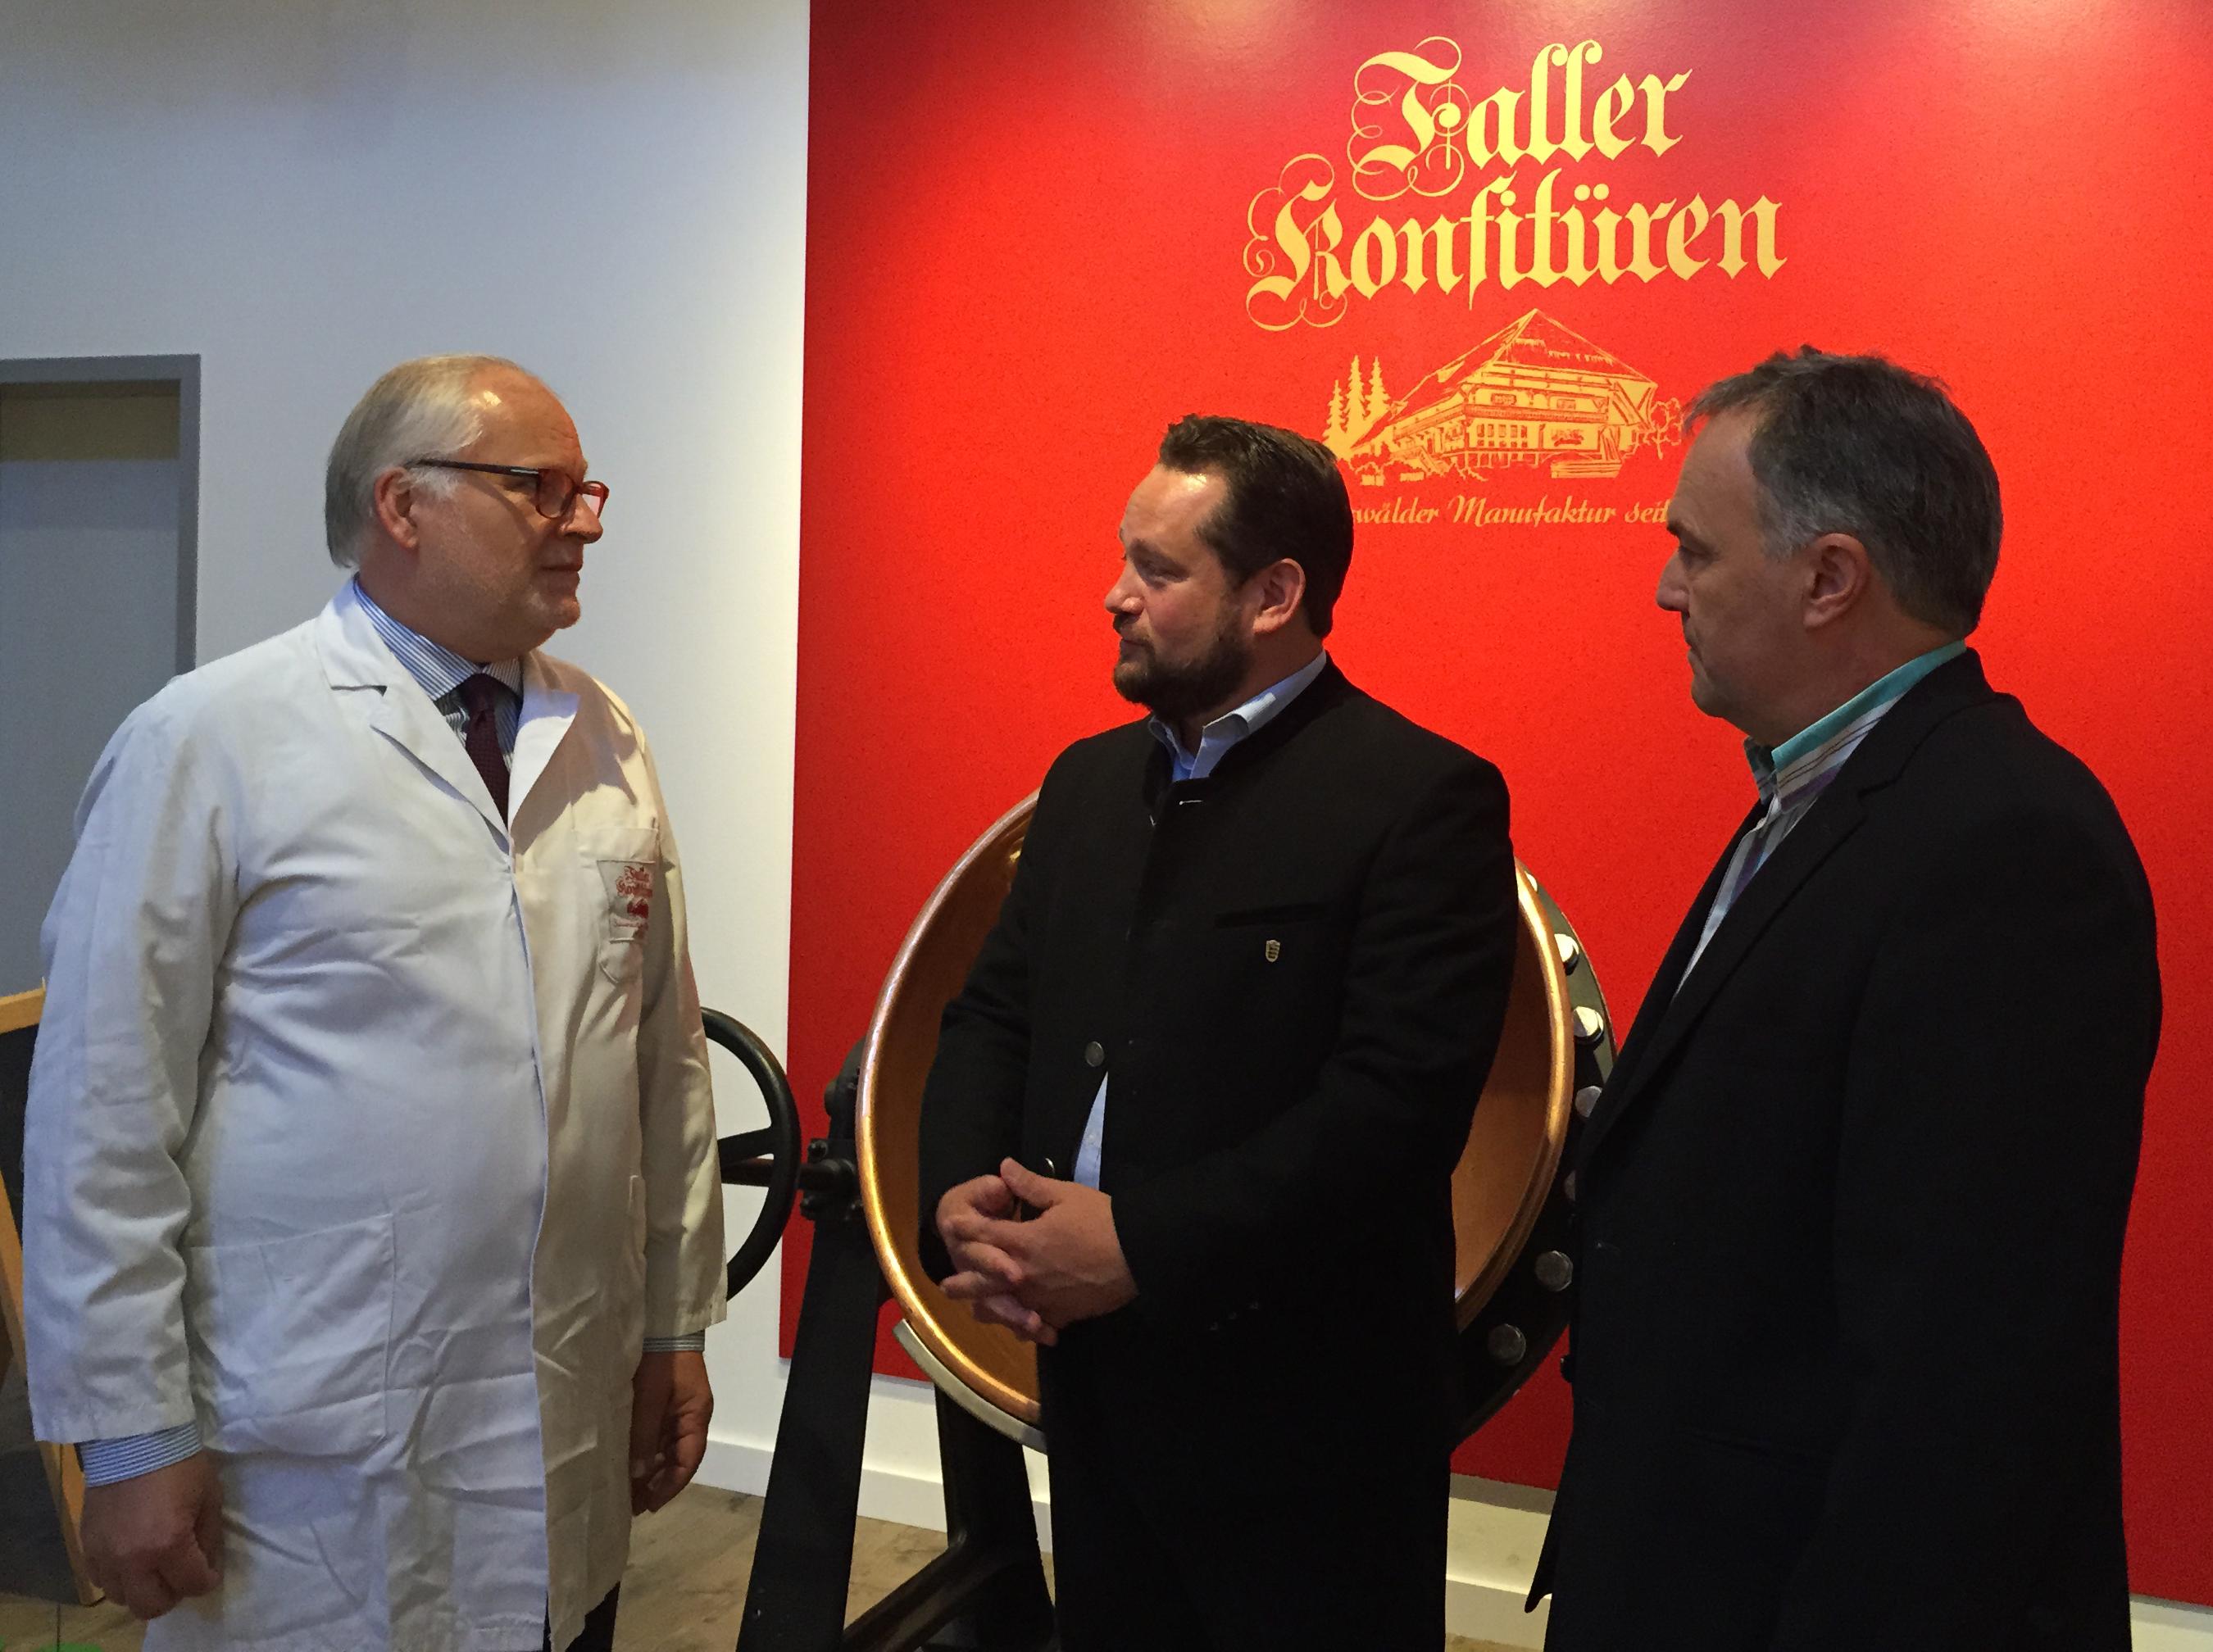 von links nach rechts Thomas Faller, Minister Alexander Bonde, Josha Frey, MdL